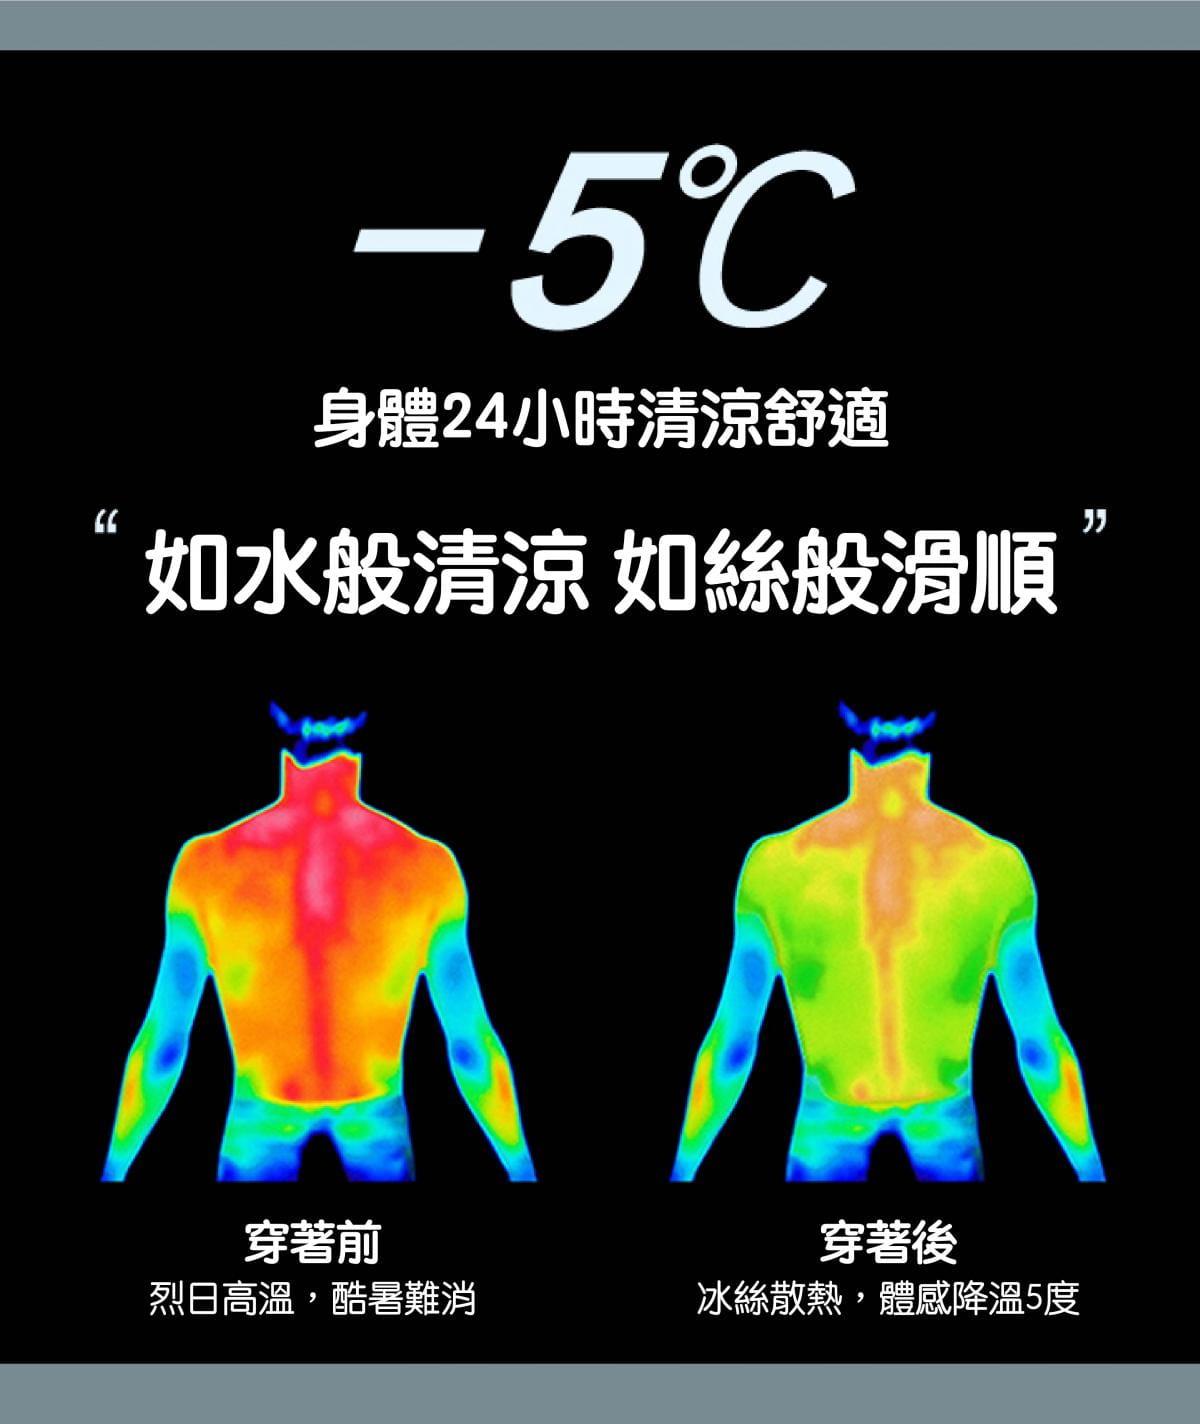 超薄涼透氣排汗速乾T恤 內搭外穿舒爽運動上衣 情侶款 網眼T恤 4